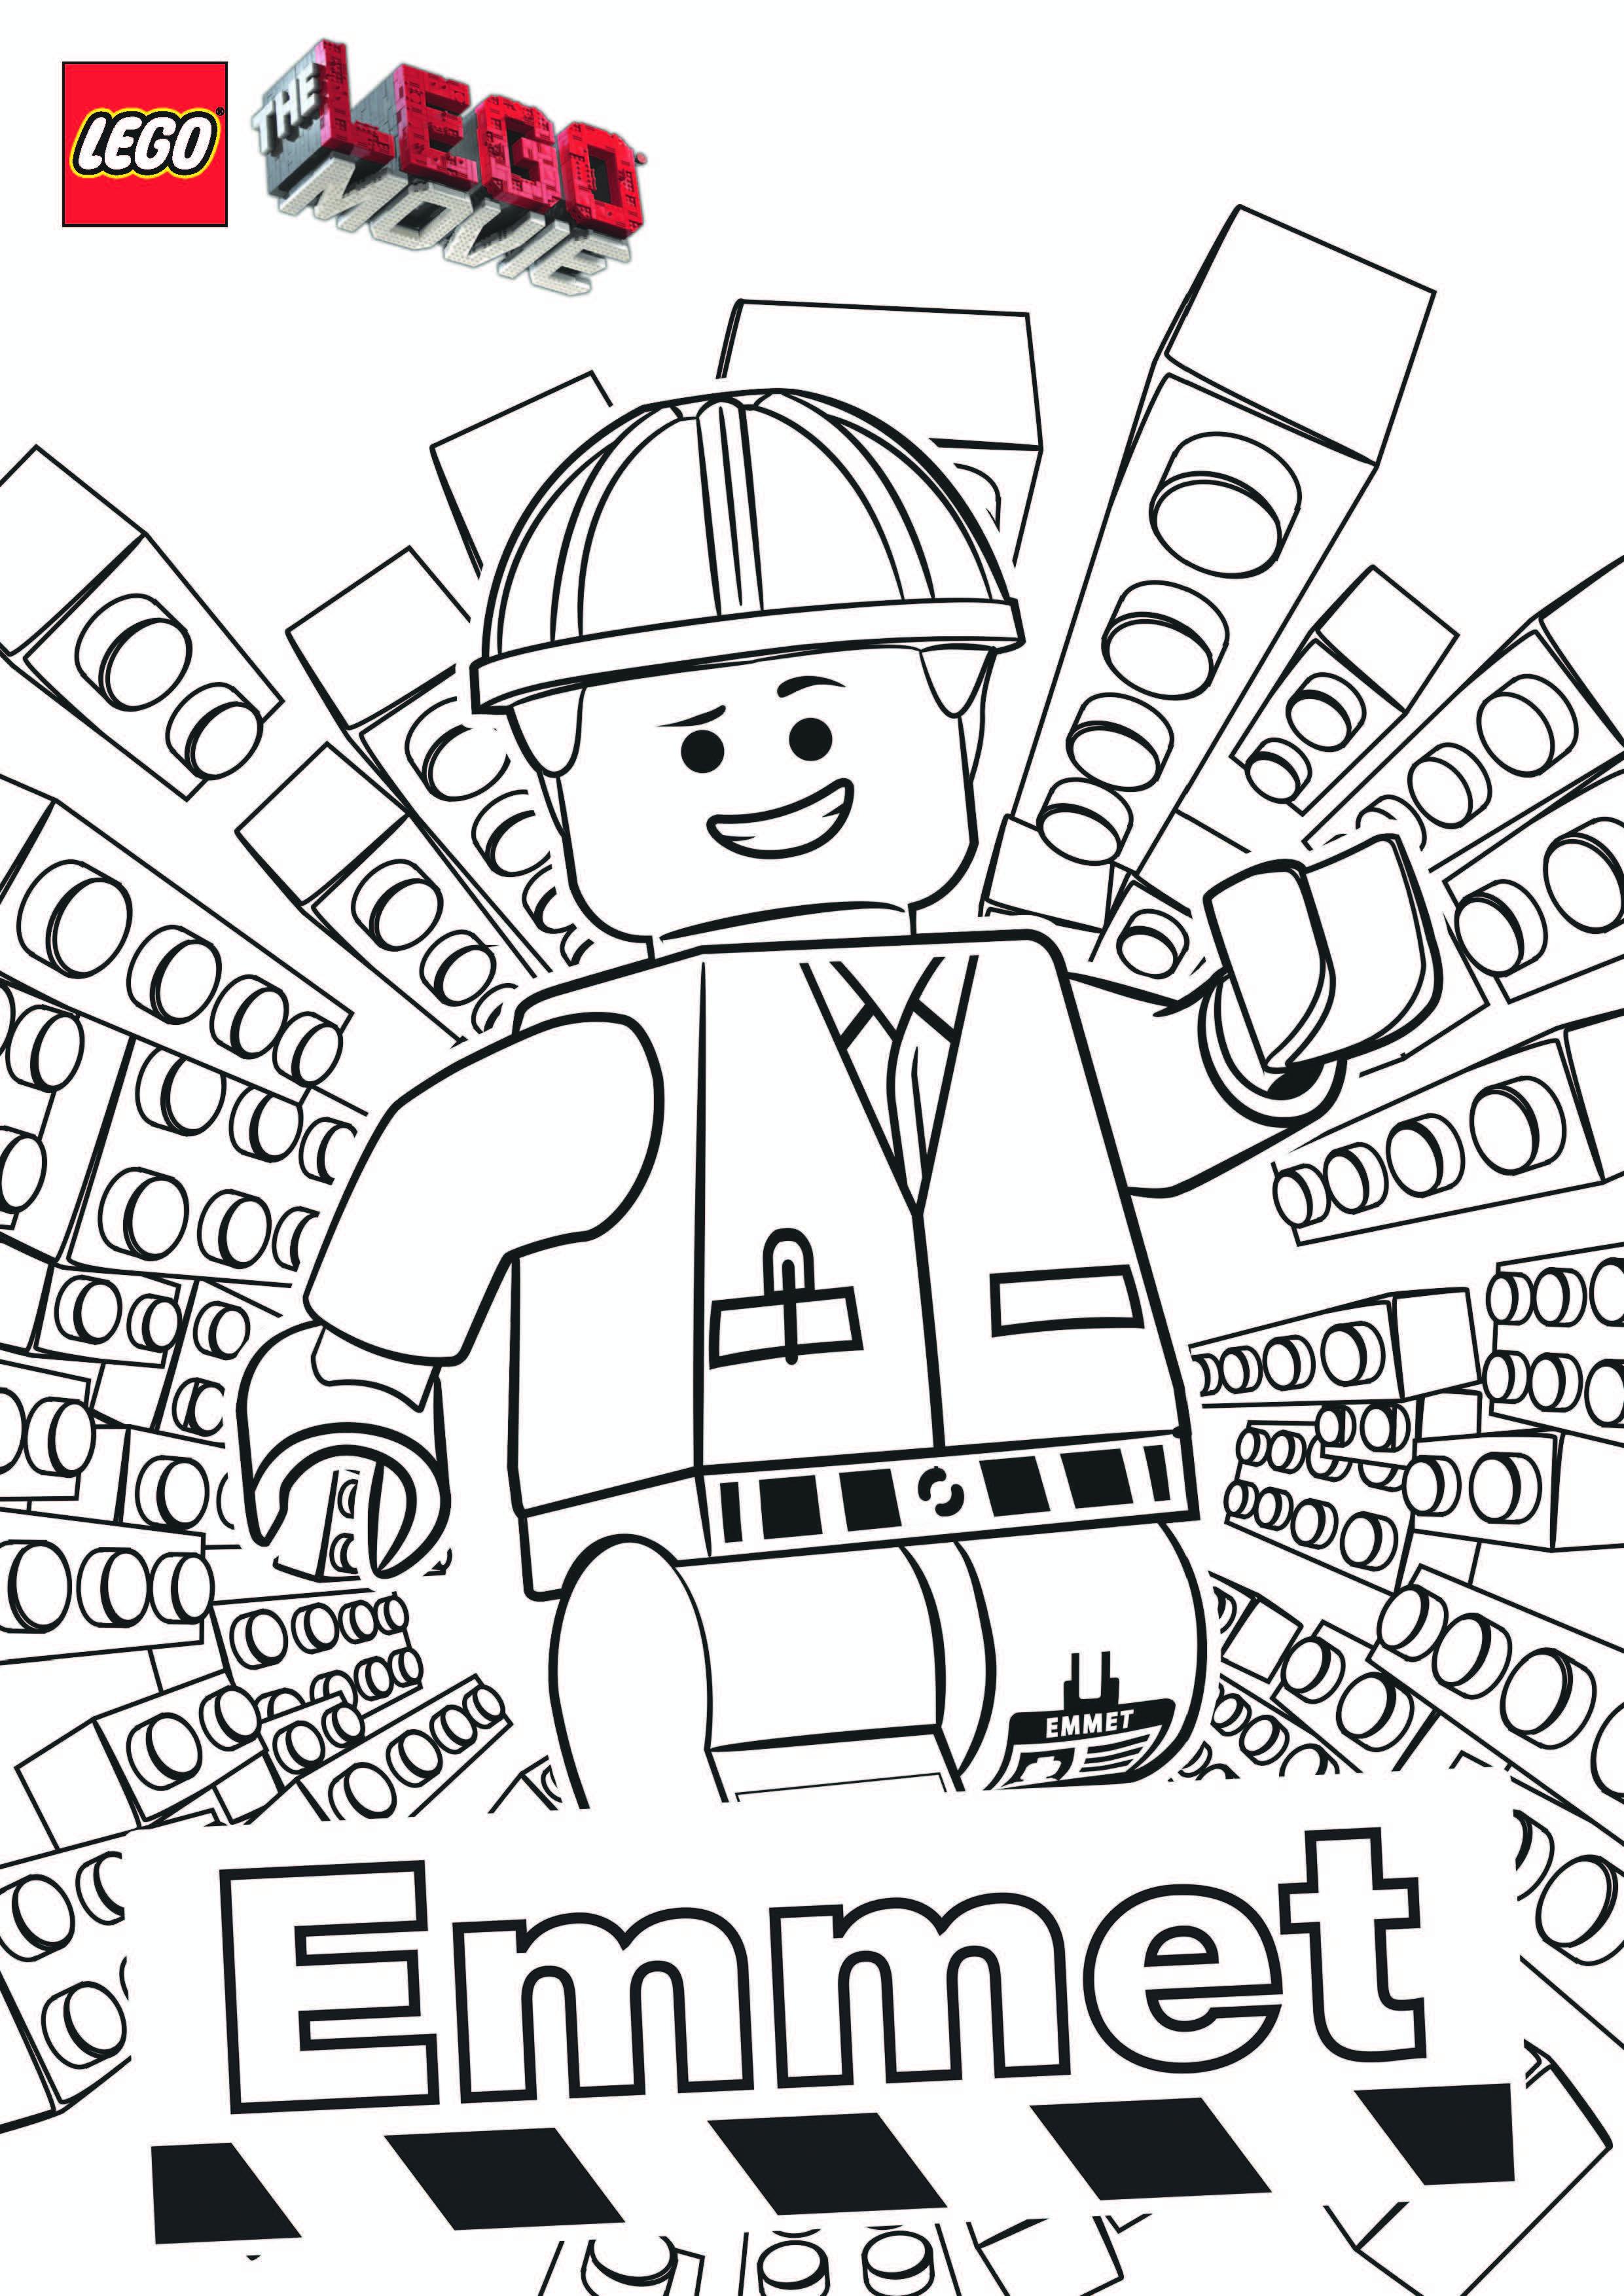 Kleurplaten Lego Emmet.Lego Com The Legoa Movie Explore Downloads Coloring Pages